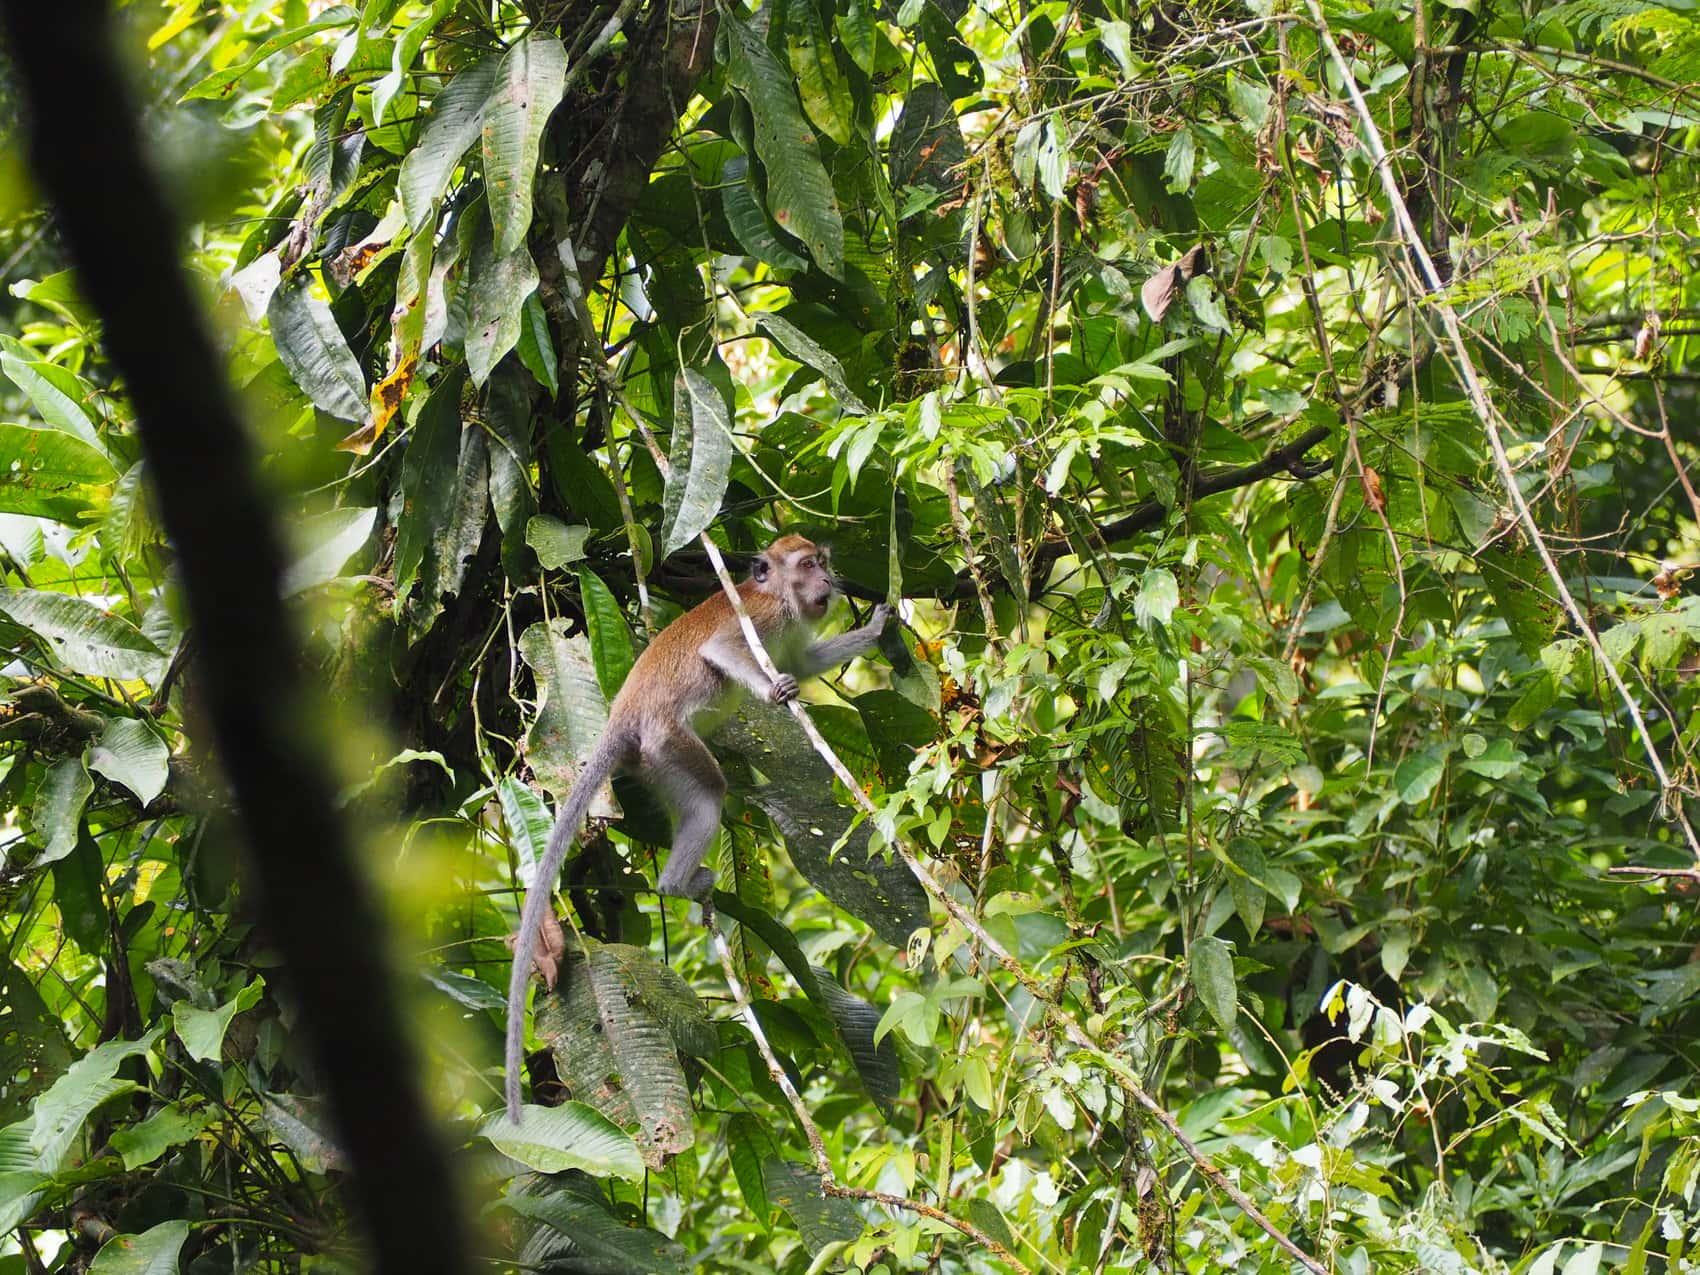 Sumatra macaques